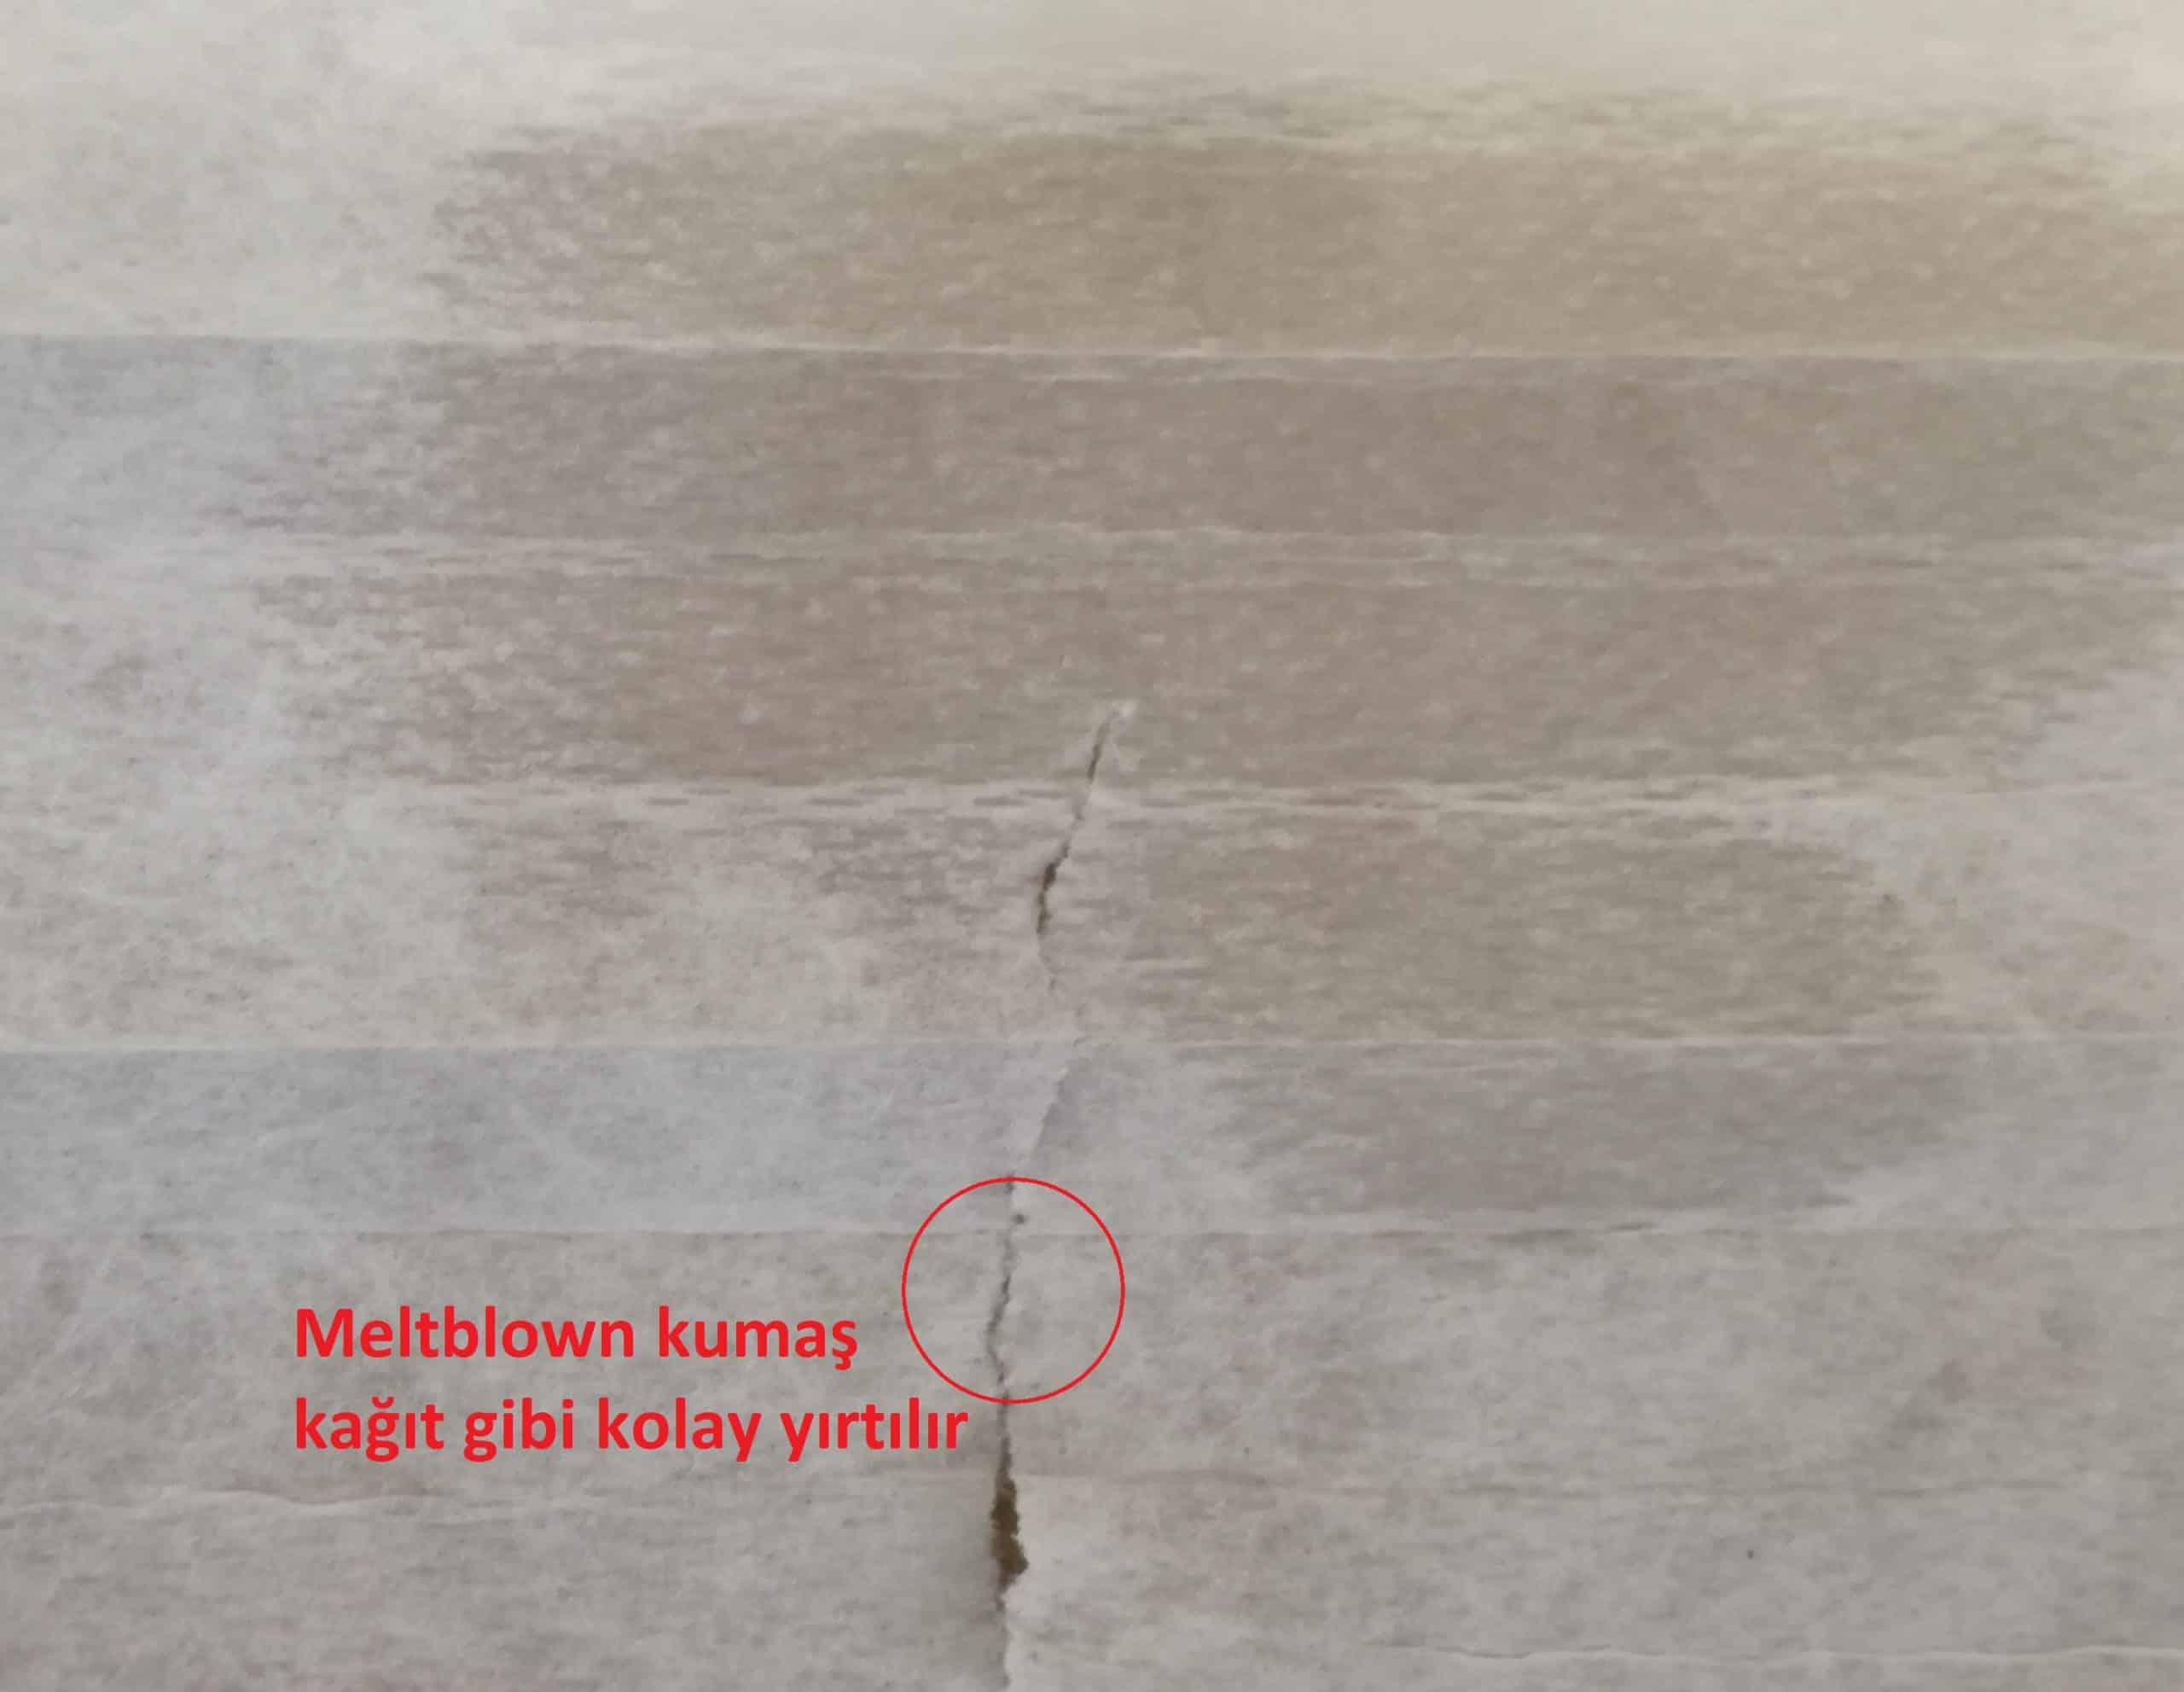 Meltblown kumaş nasıl anlaşılır